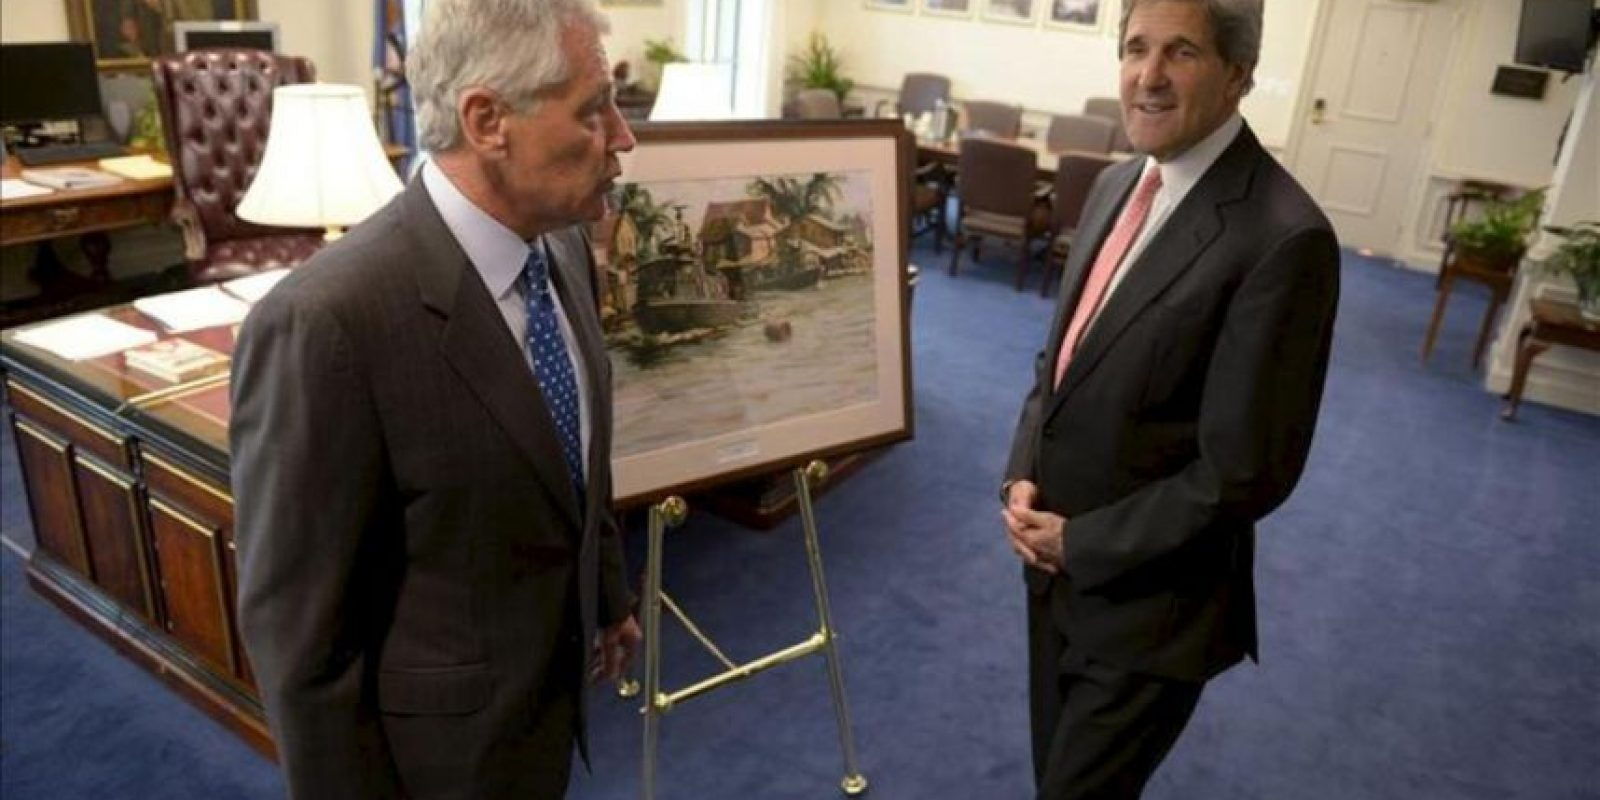 Se prevé que en la conferencia participen, entre otros, los secretarios de Estado, John Kerry (d), y Defensa, Chuck Hagel, y la principal asesora de seguridad nacional de Obama, Susan Rice. EFE/Archivo